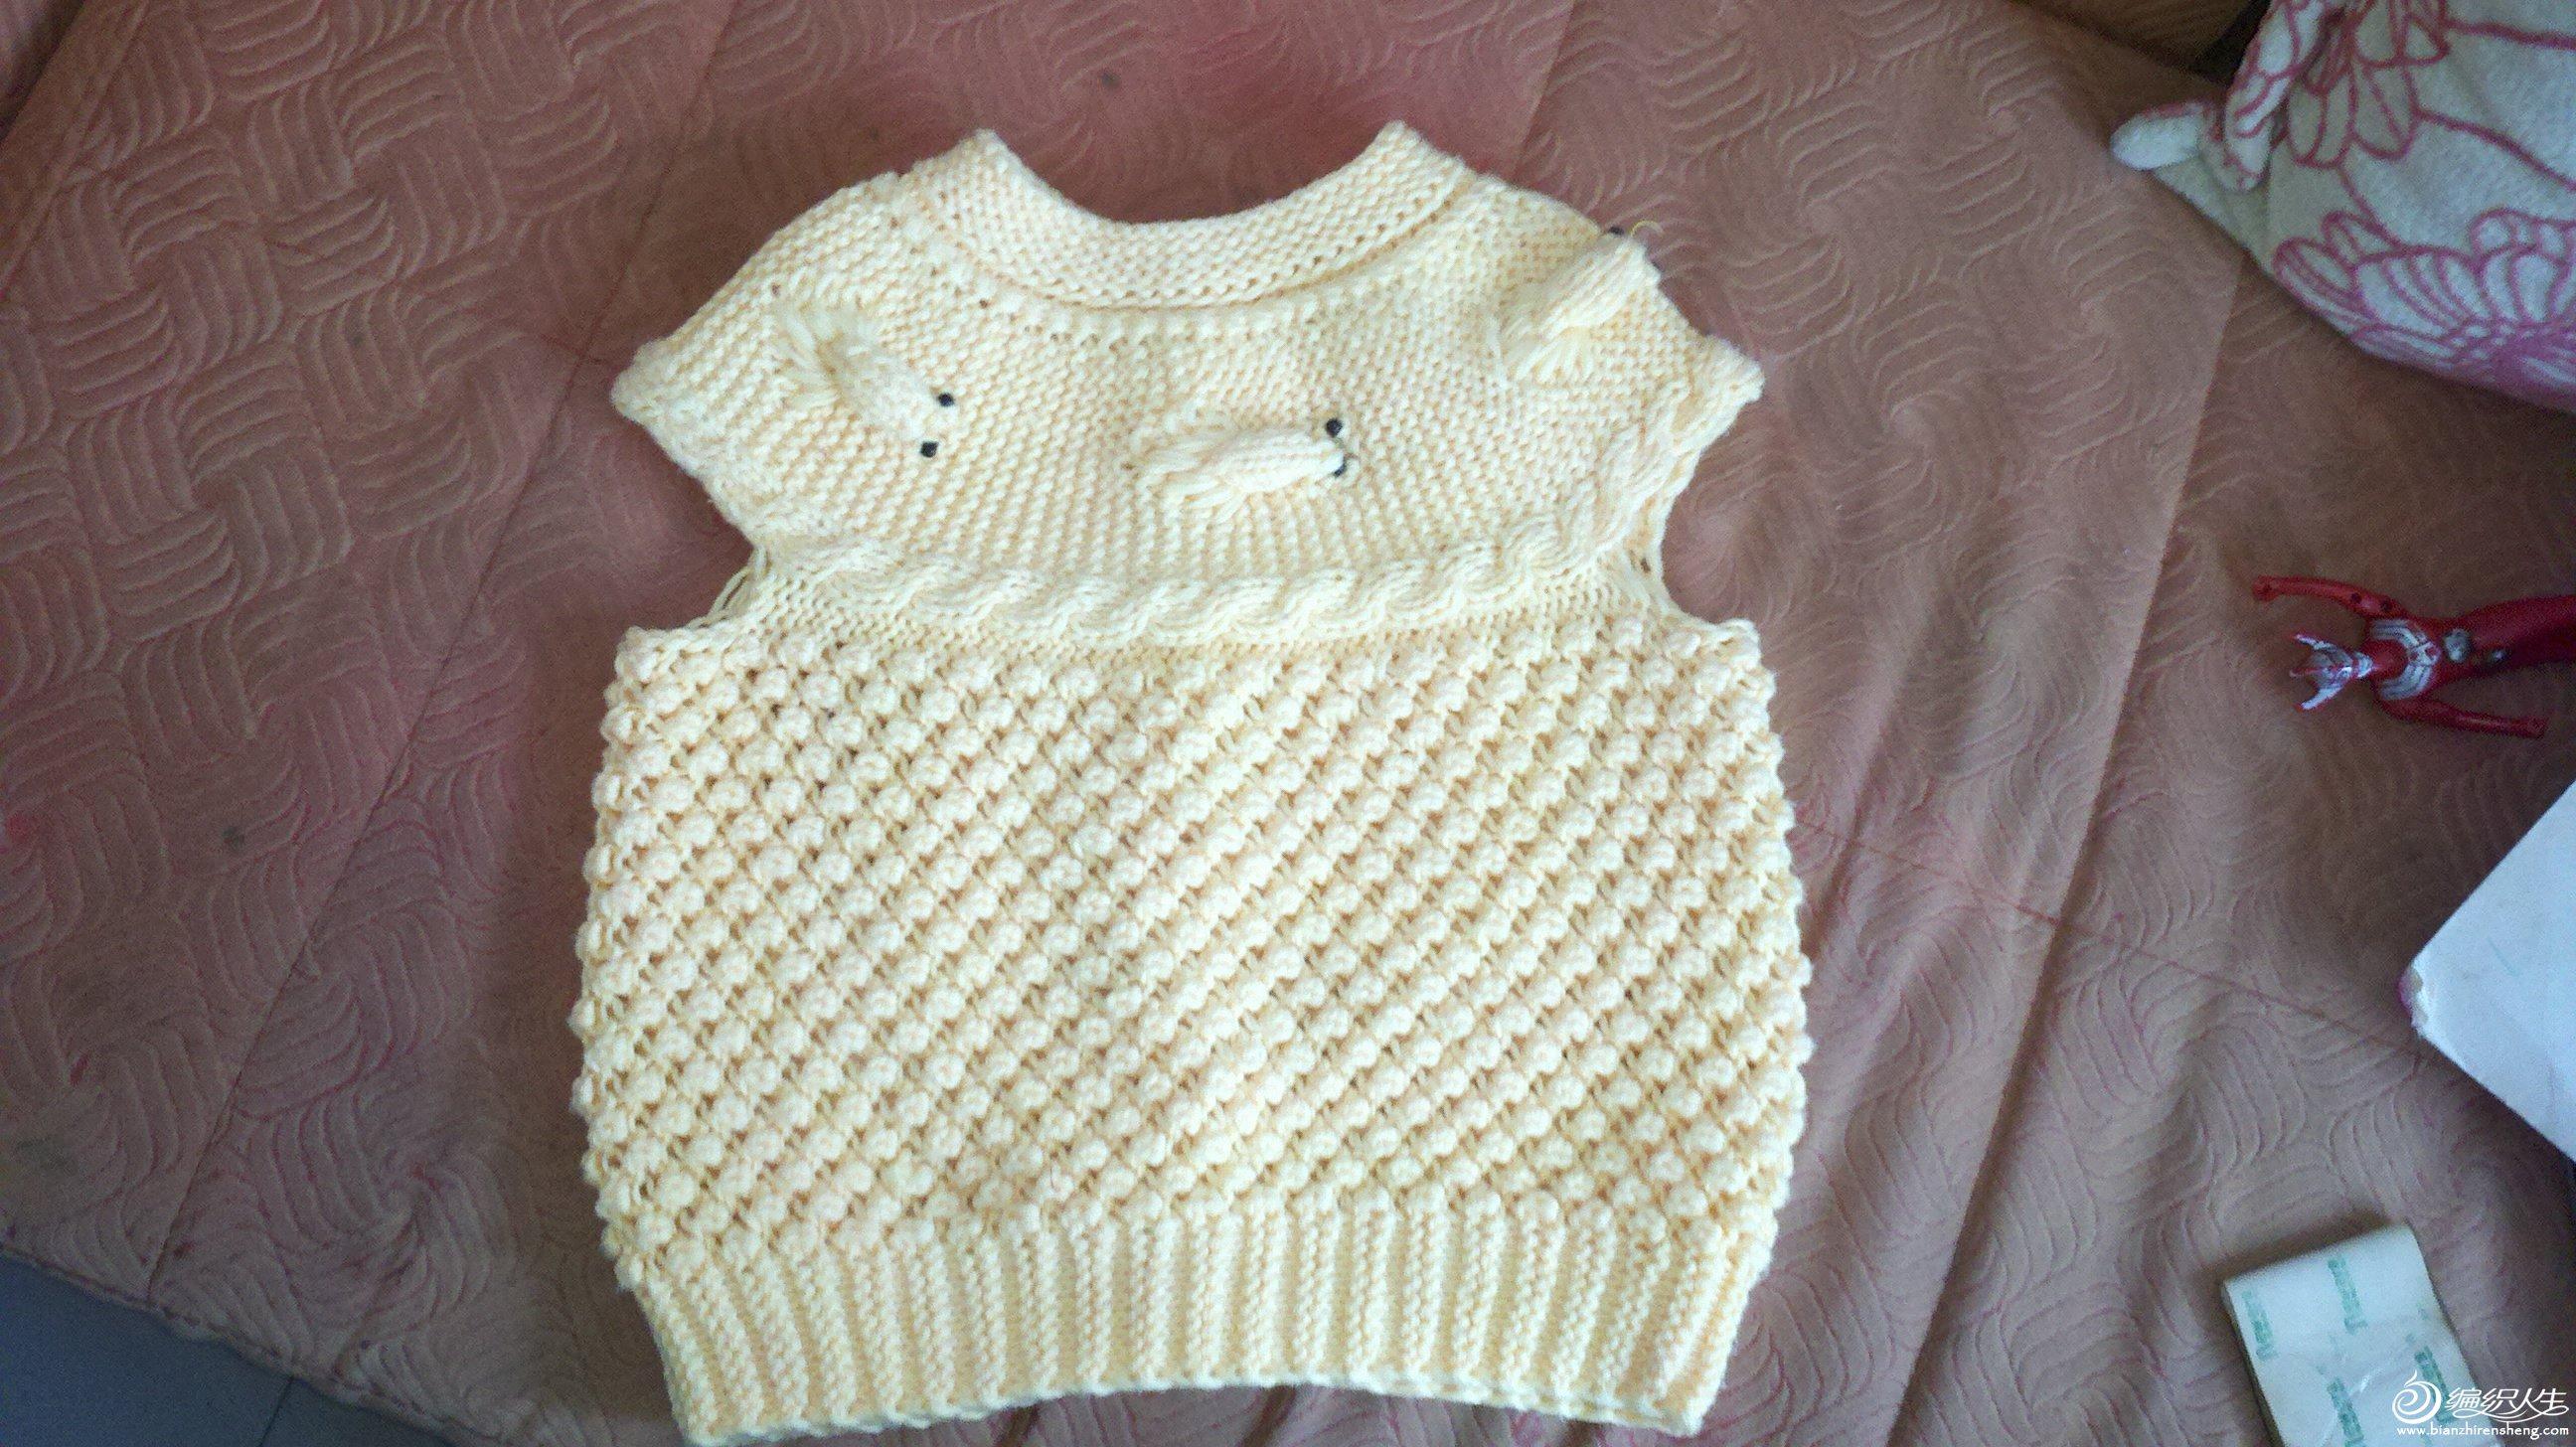 钩针编织多层婴儿衣服 儿童 毛线 背心 裙教程   韩版小背高清图片